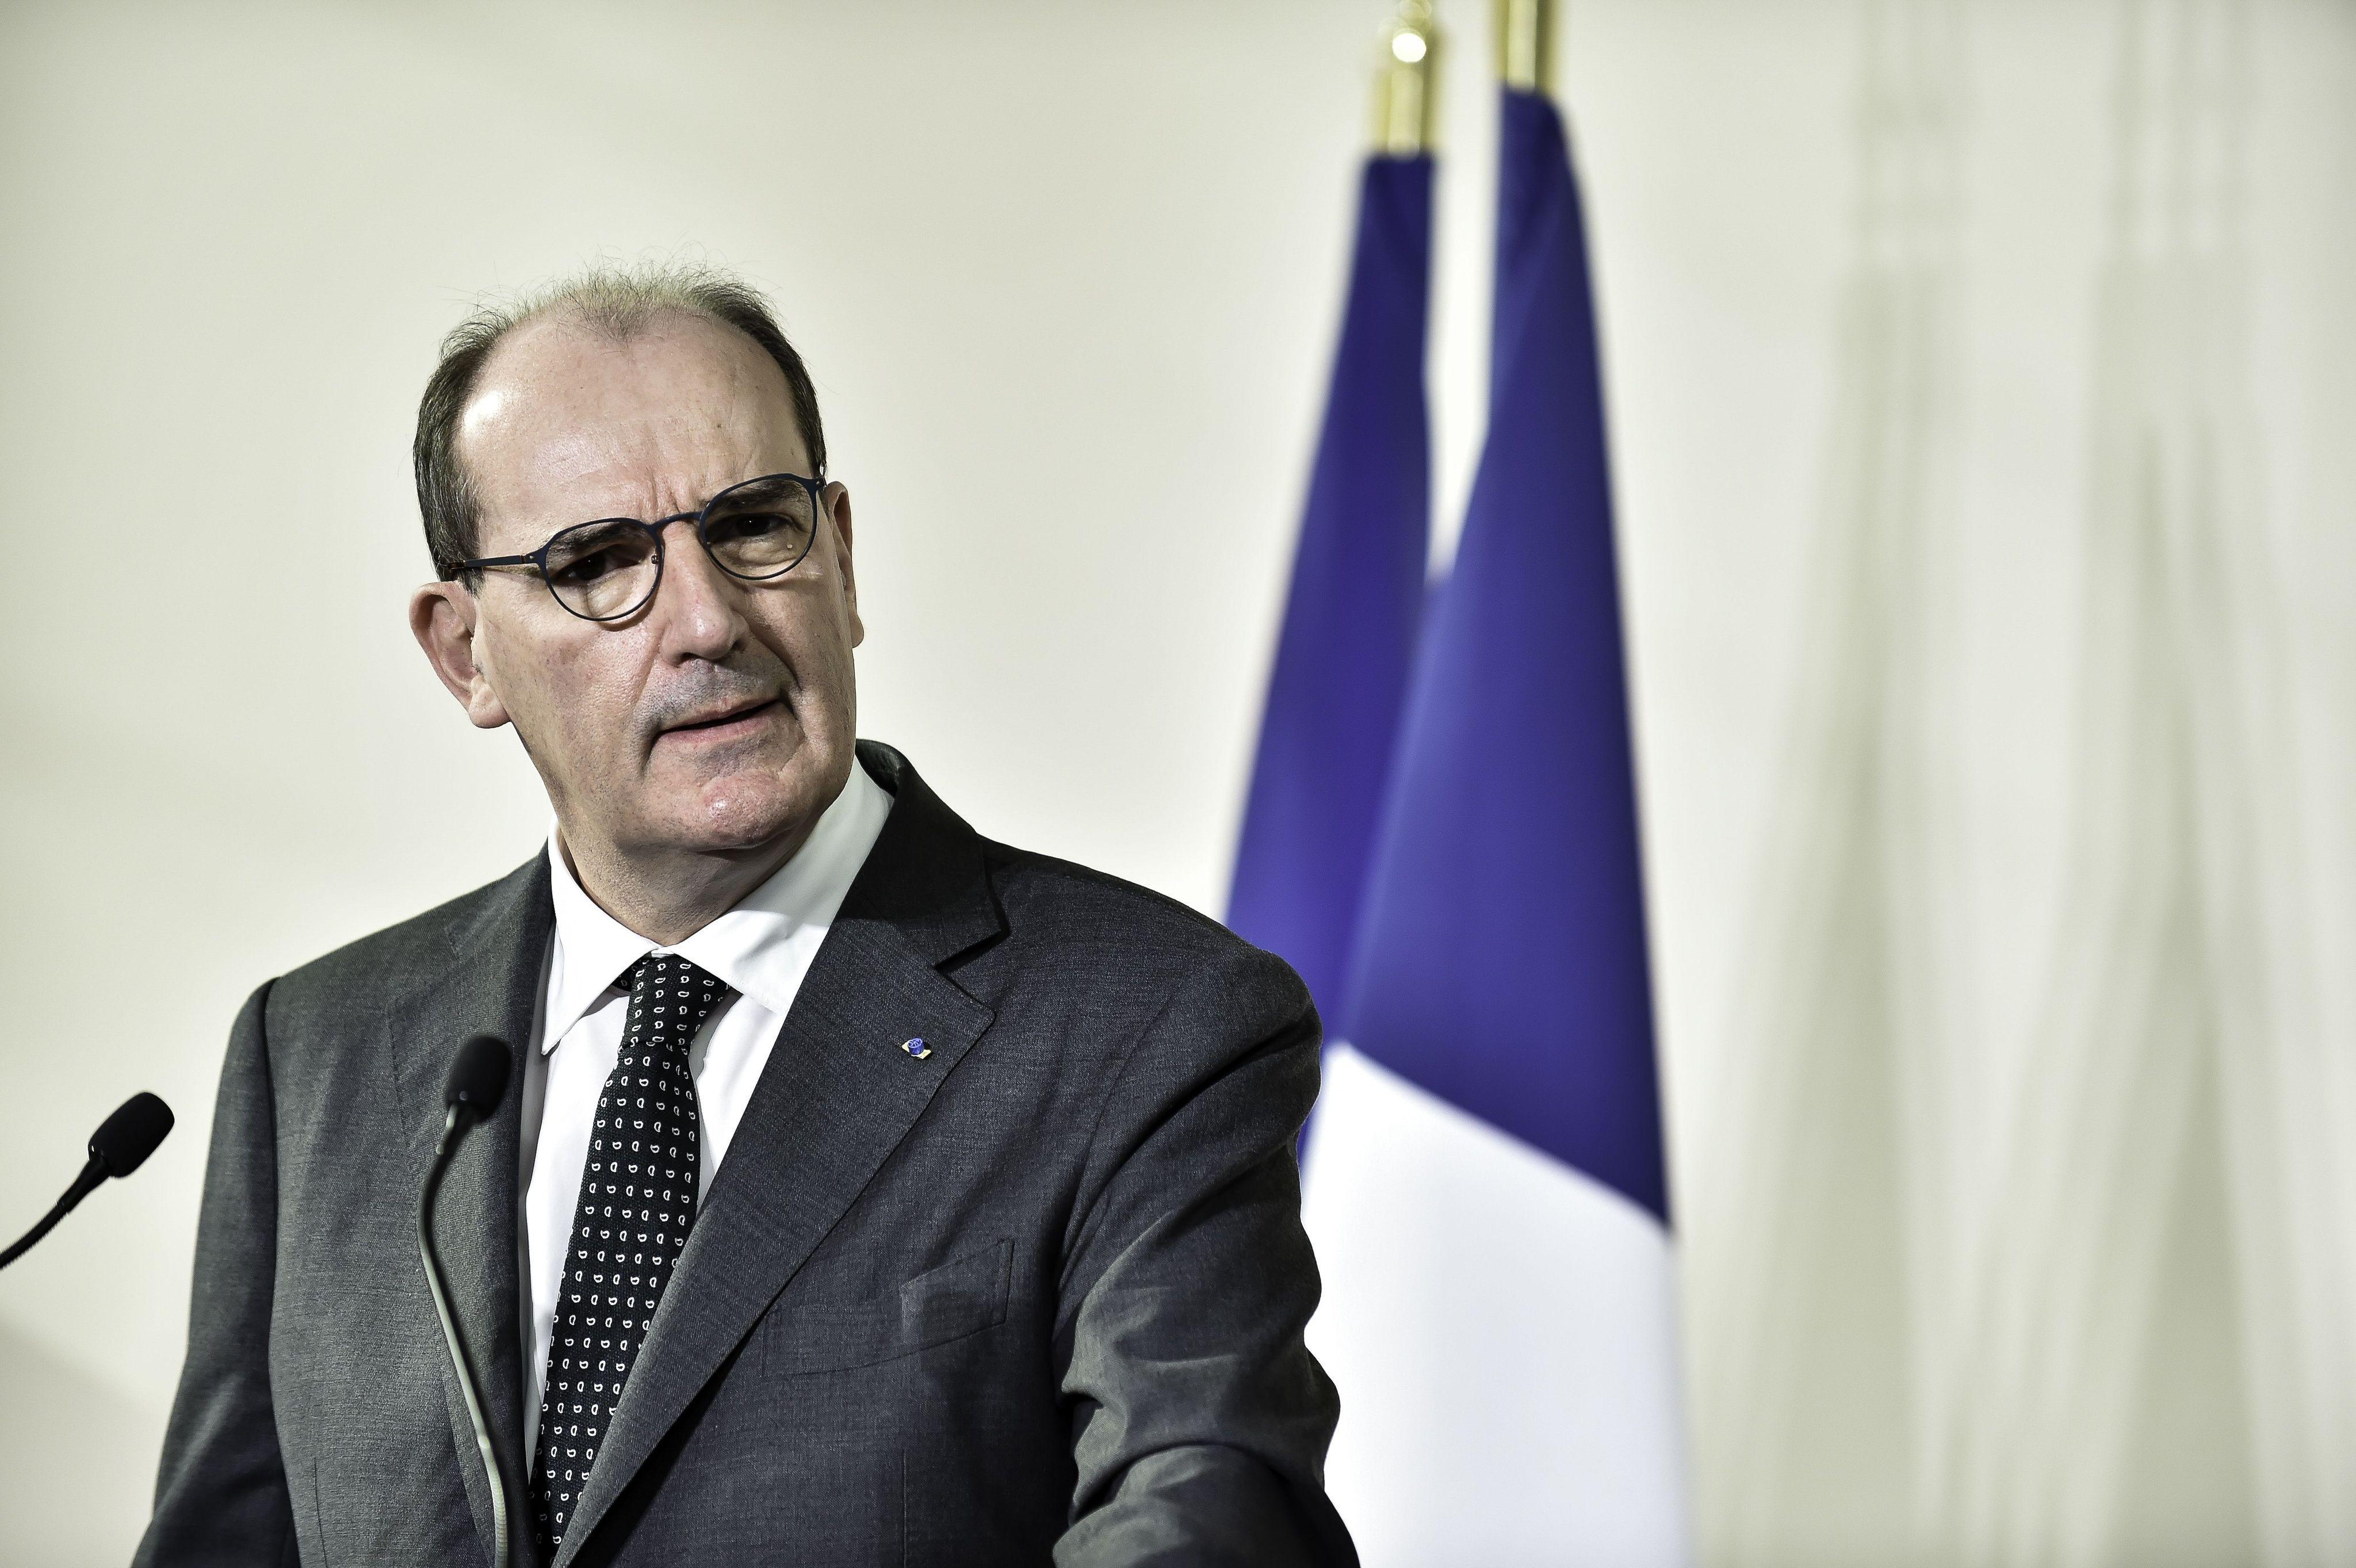 LeService d'information du gouvernement, qui dépenddu Premier ministre, vient d'attribuer un marché public de 2,8 millions d'euros poursurveiller la réputation de l'exécutif sur le Web.